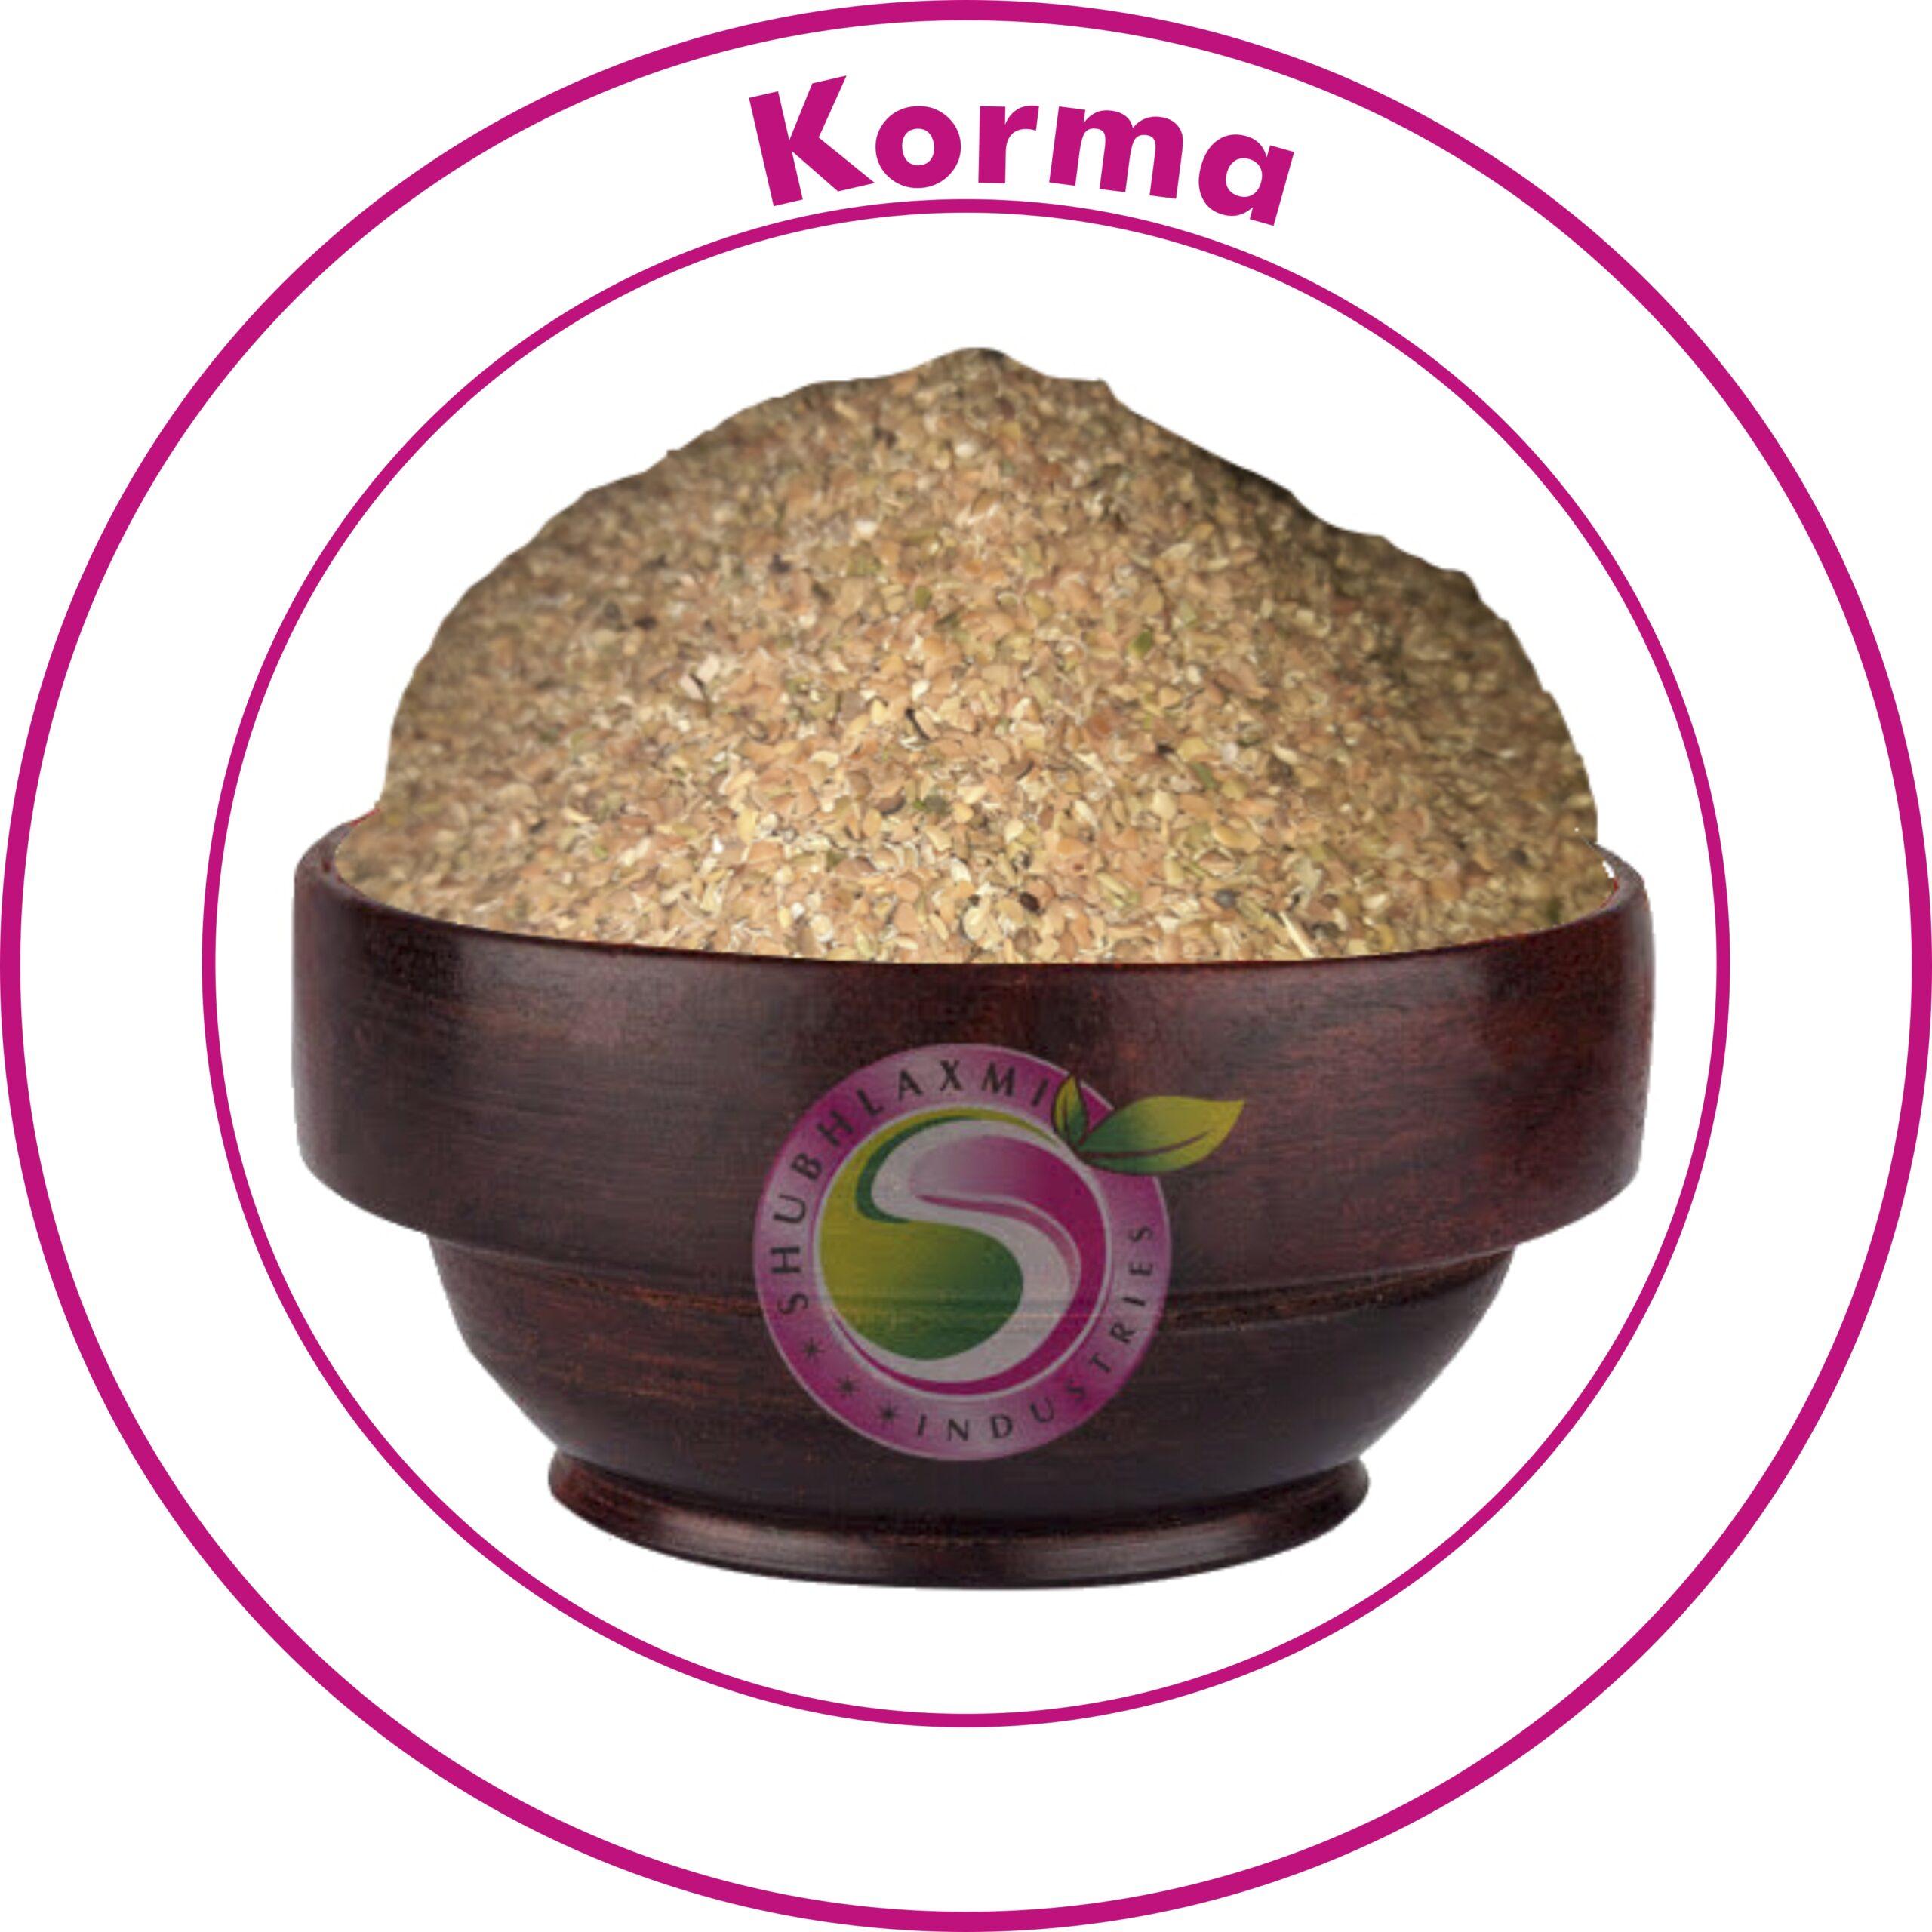 Shubhalaxmi-Korma